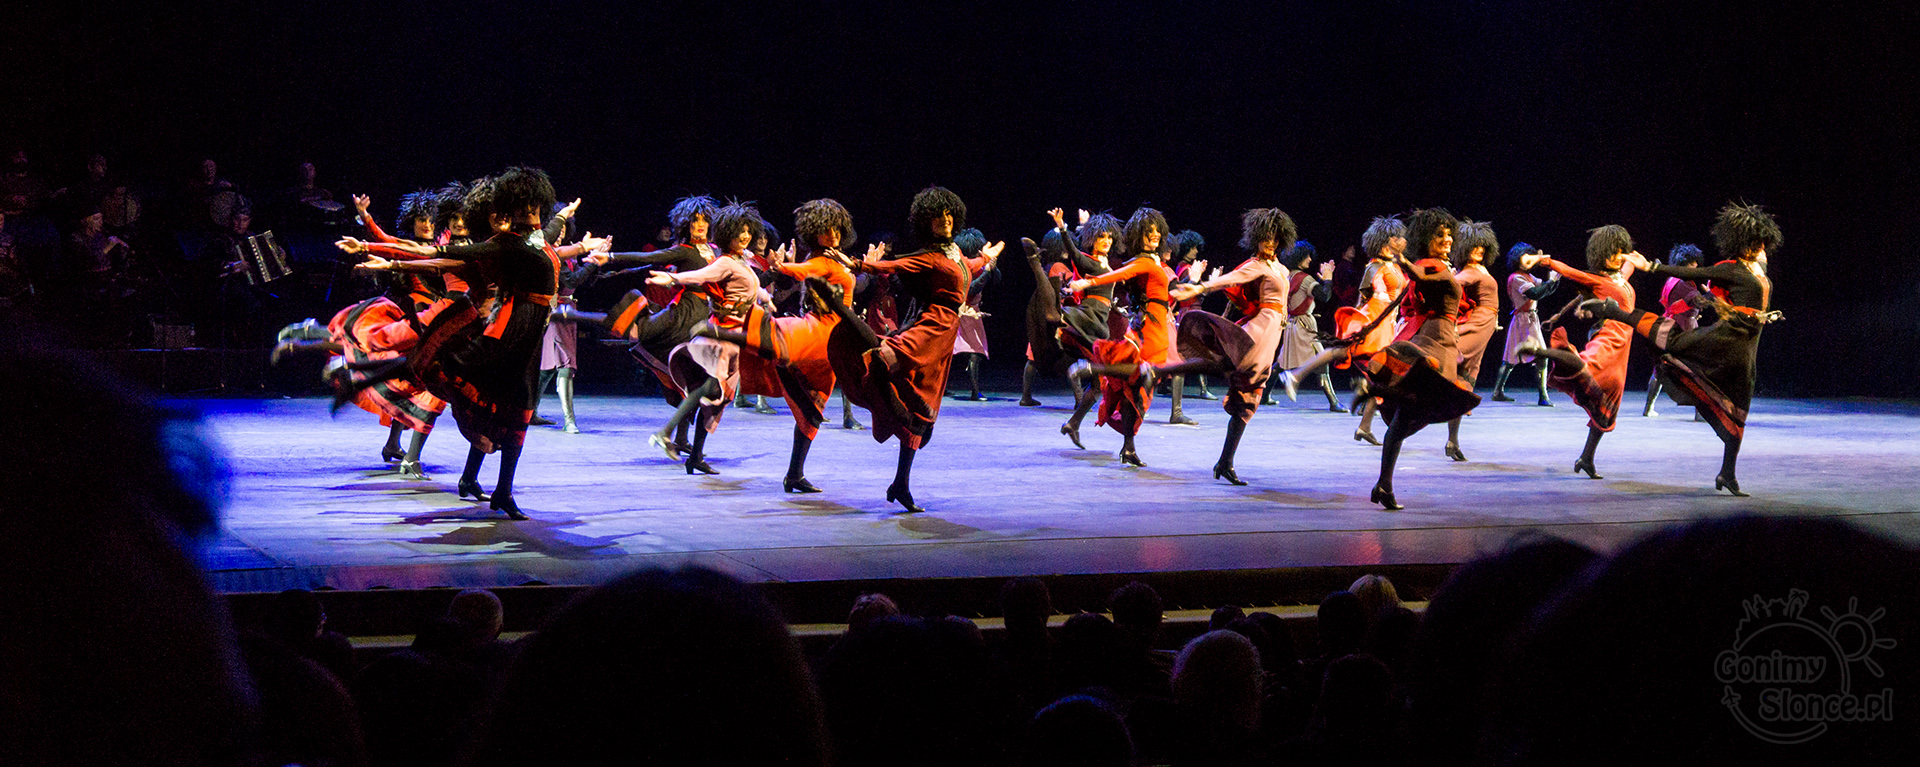 Narodowy Balet Gruzji Sukhishvili 14 blog kulturalny